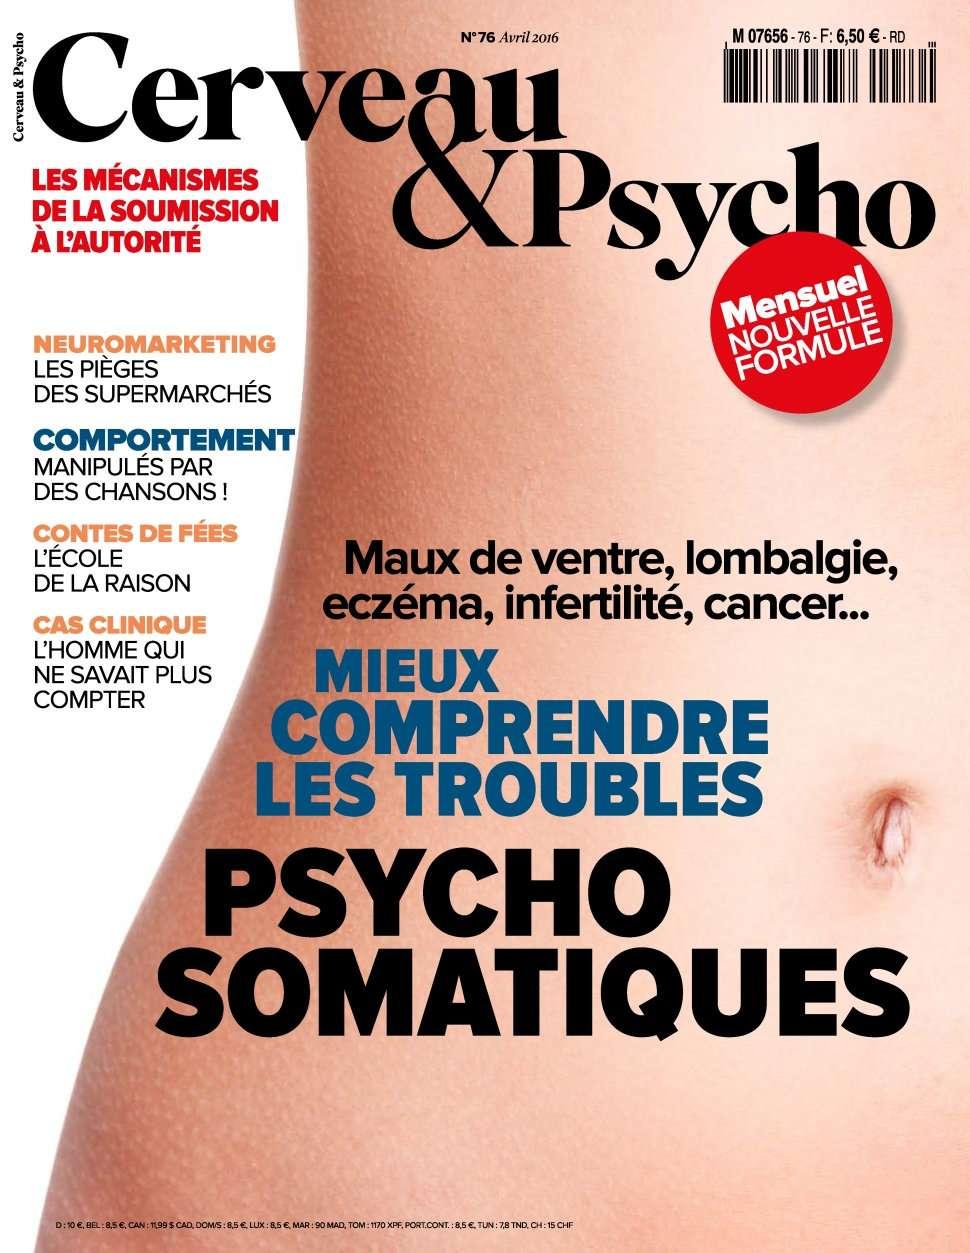 Cerveau & Psycho 76 - Avril 2016